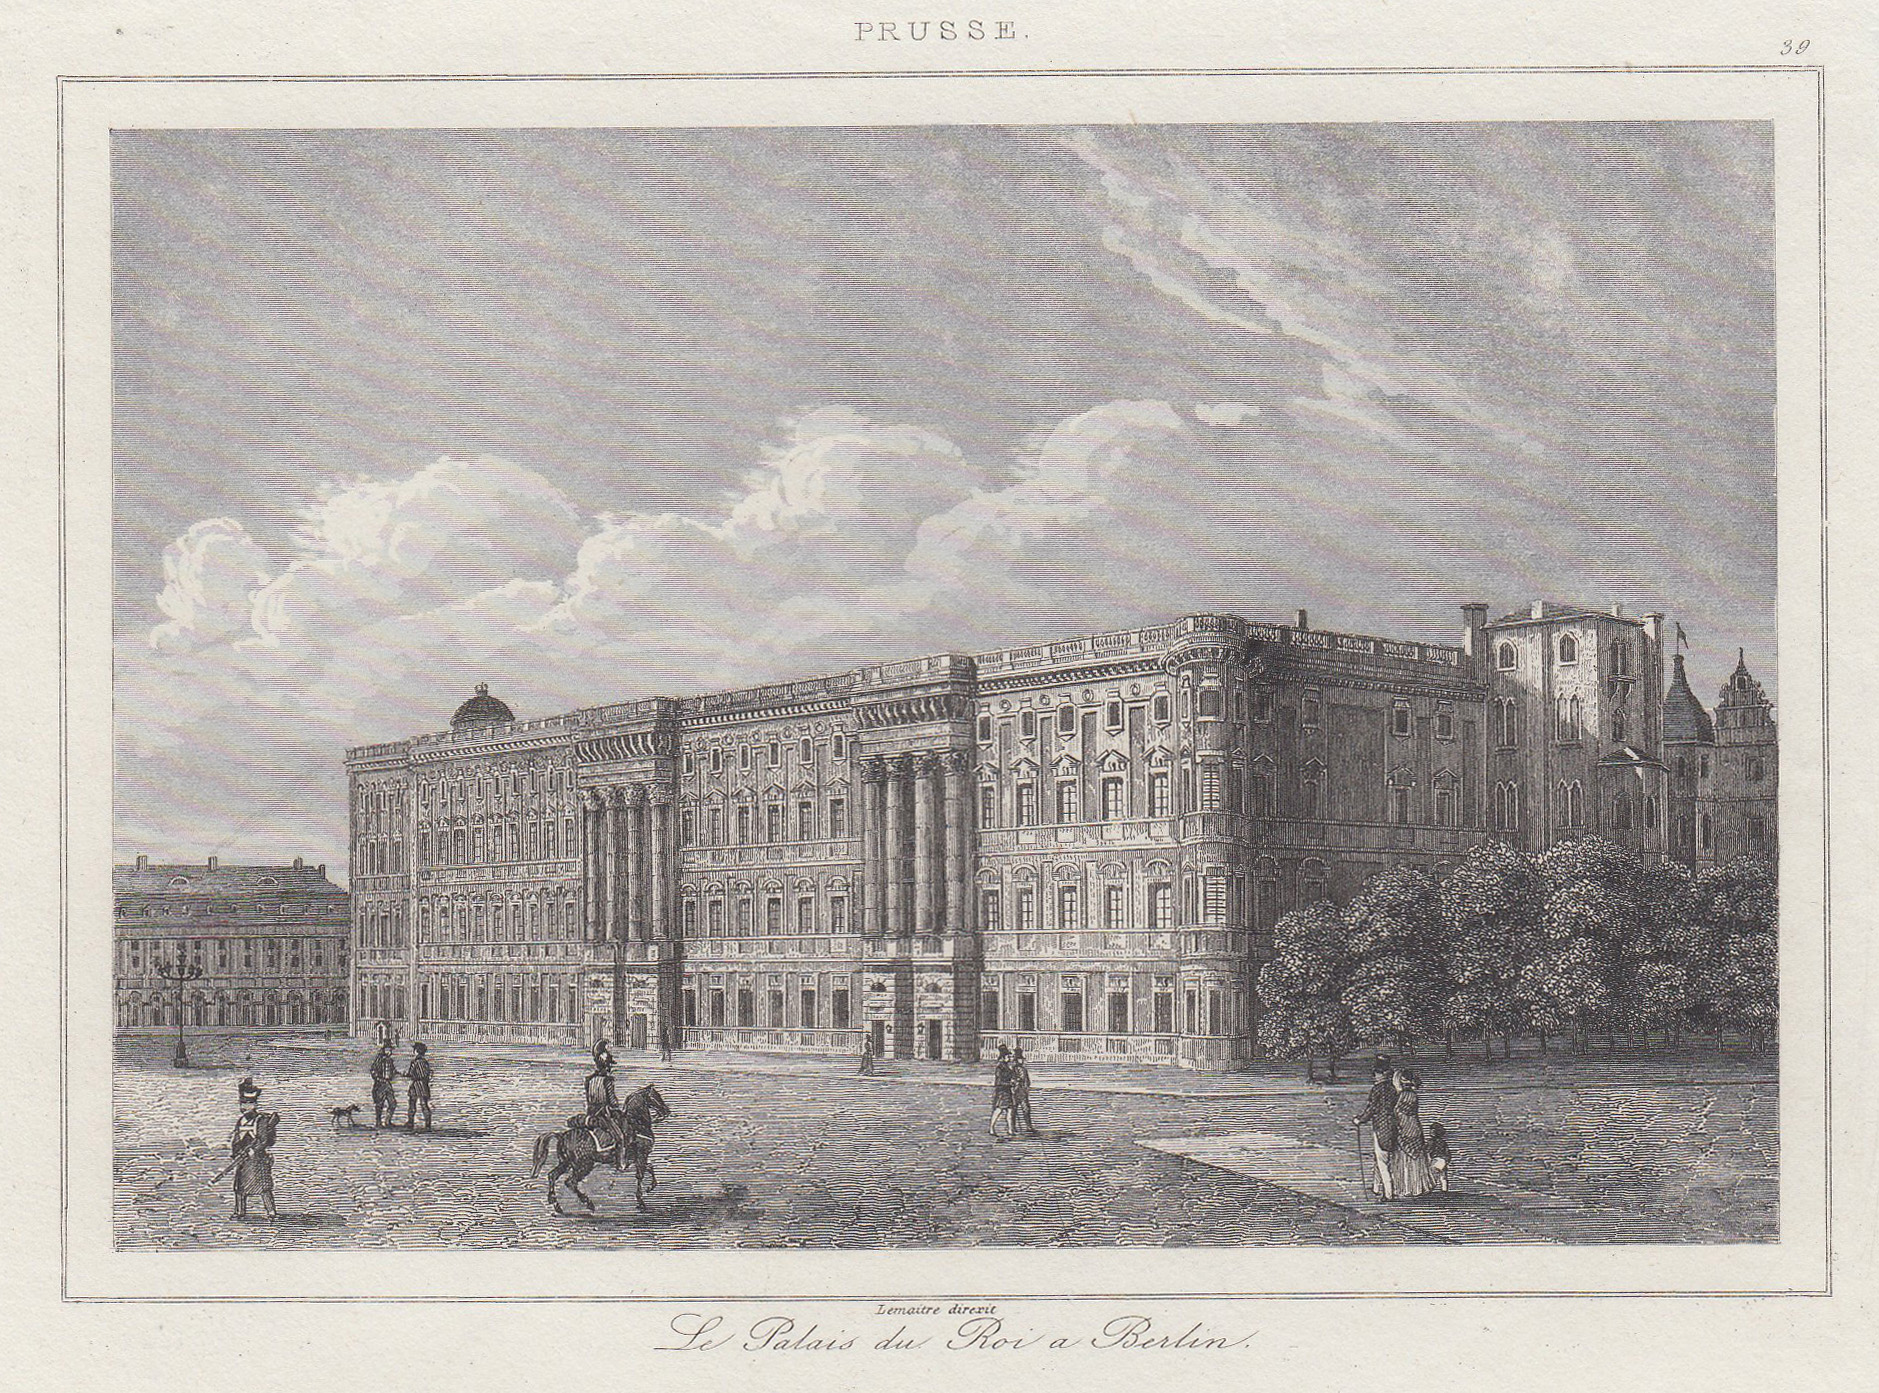 """Schloßplatzseite, """"Le Palais du Roi a Berlin"""".: Berlin - Schloss:"""